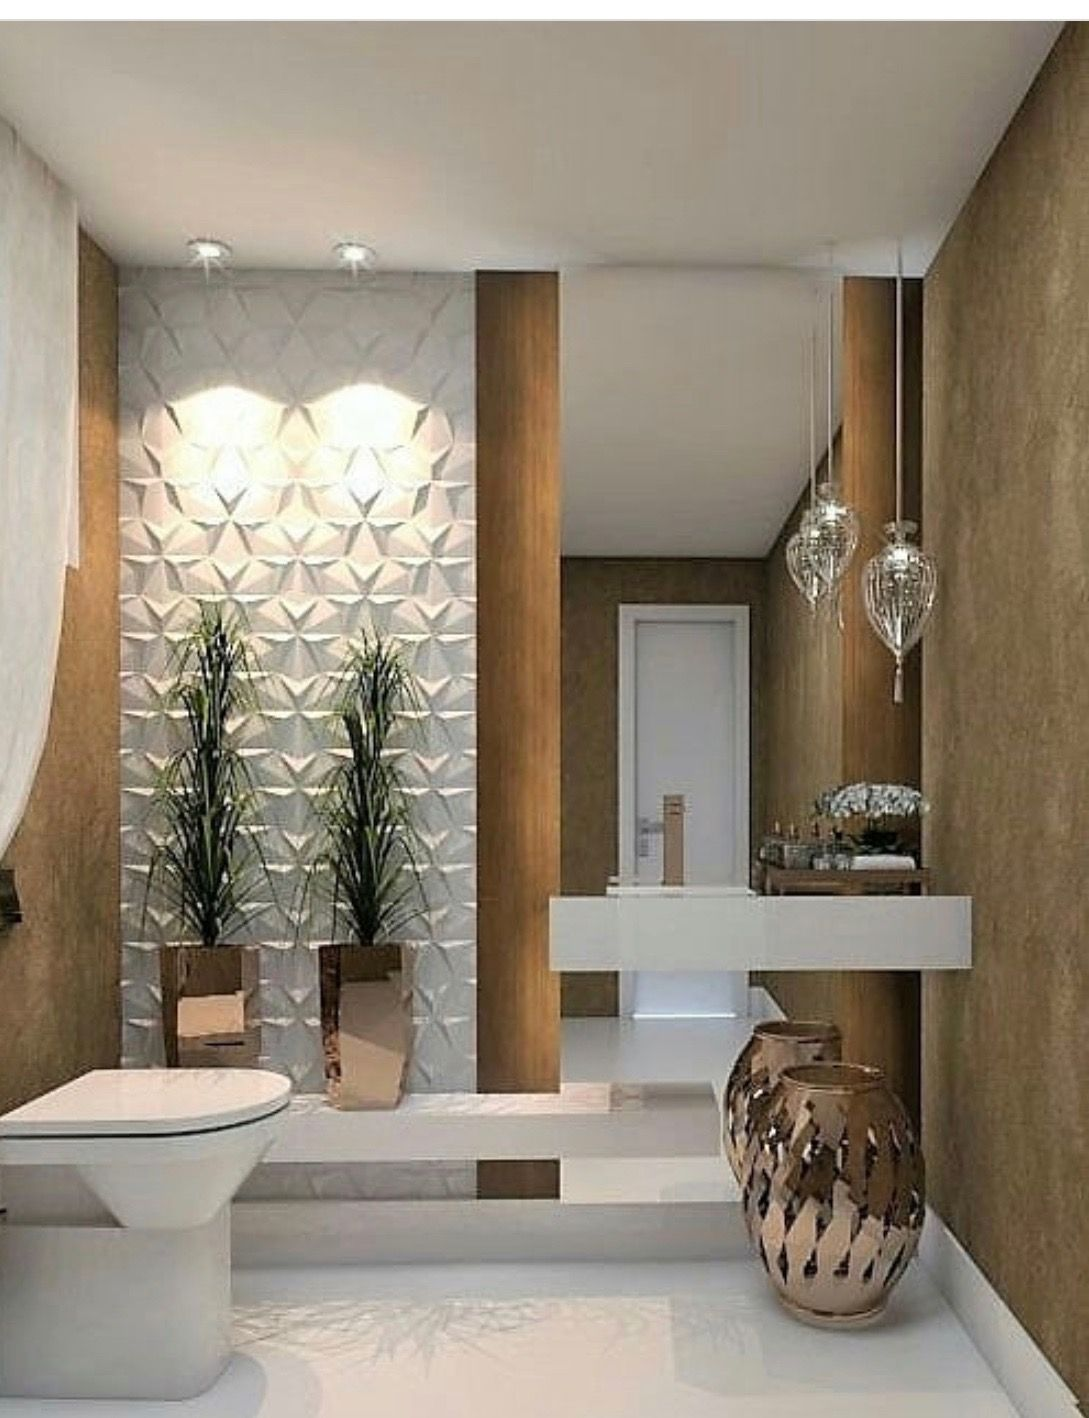 Banheiros moderno home pinterest banheiros modernos for Placa duchas modernas